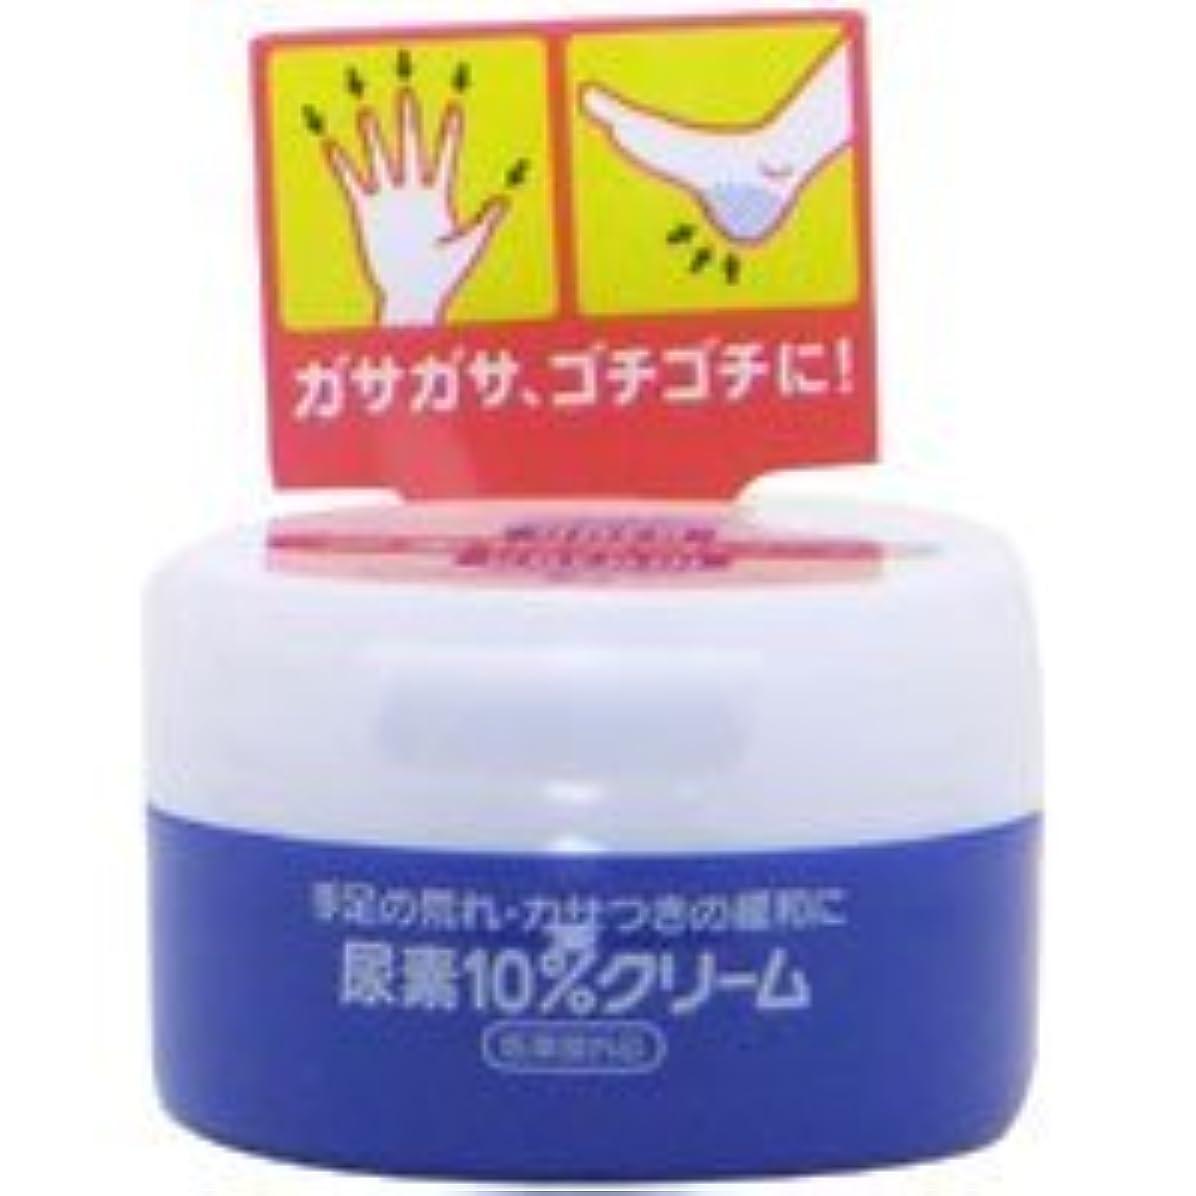 【エフティ資生堂】尿素10% クリーム ジャー 100g